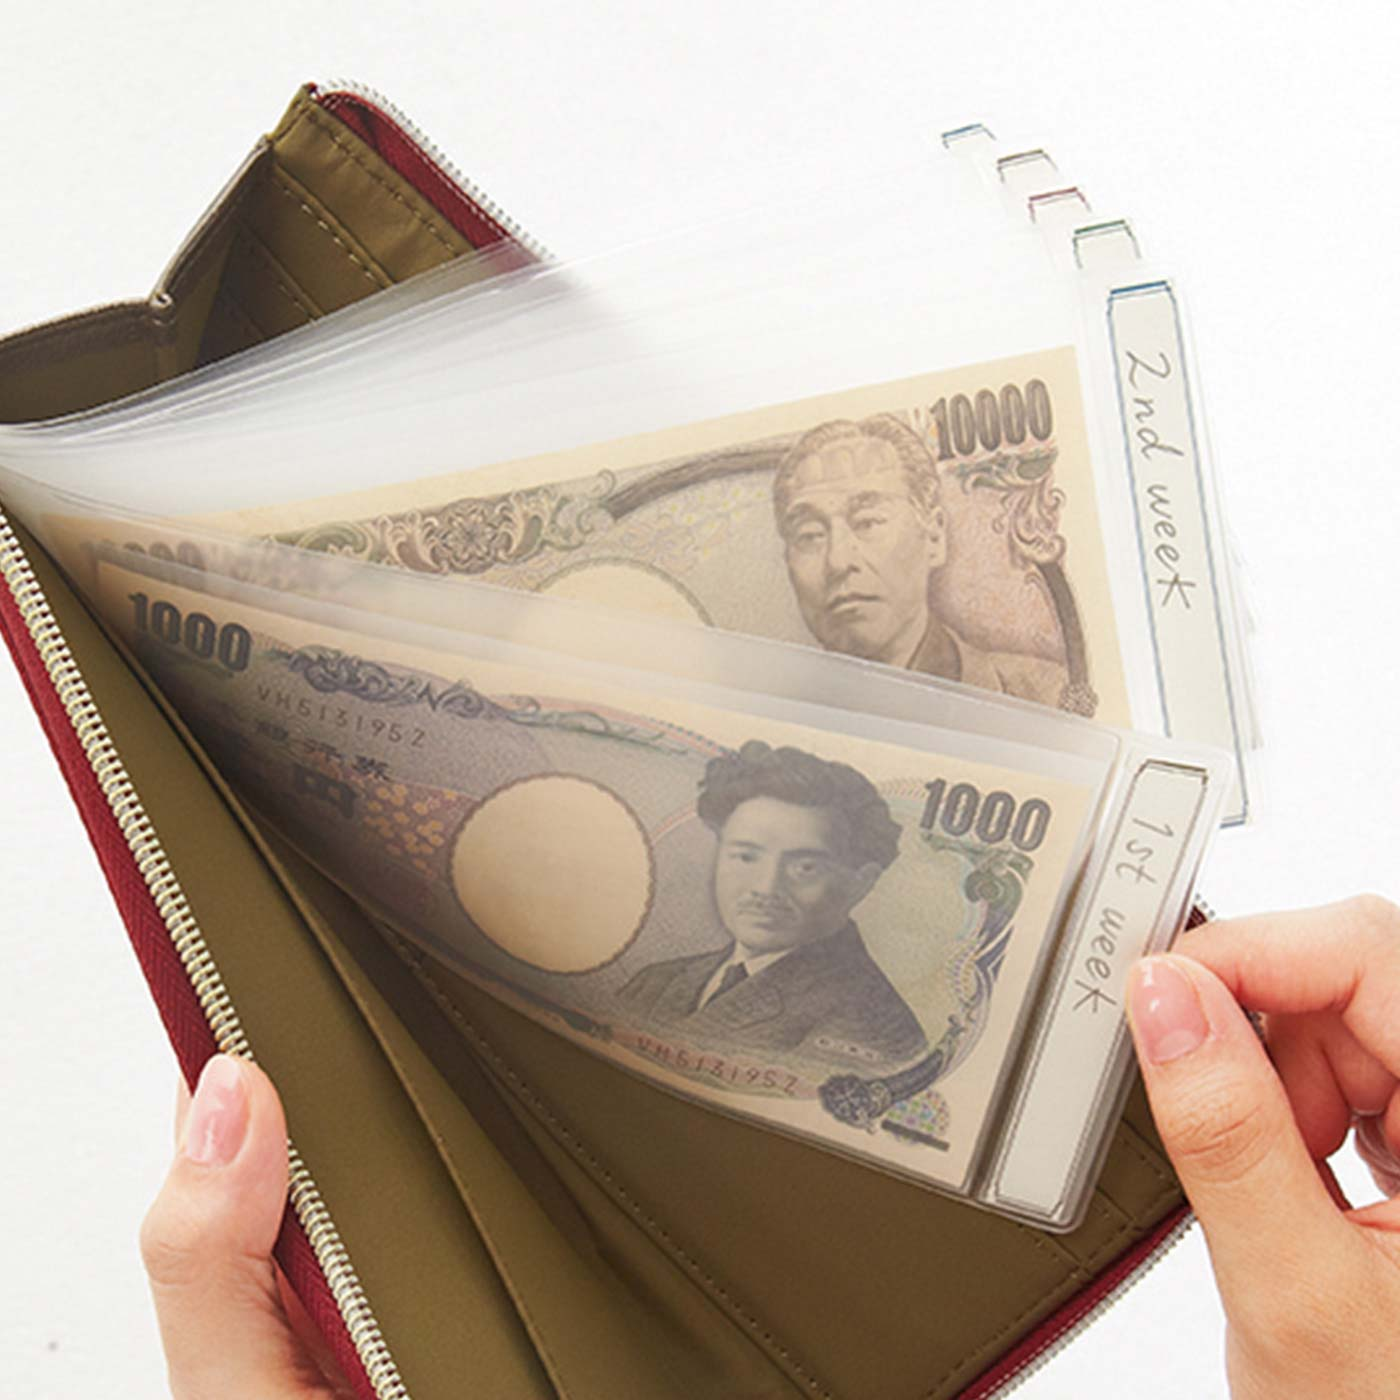 透明の小分けポケットなので残高も把握しやすく取り出しやすい。